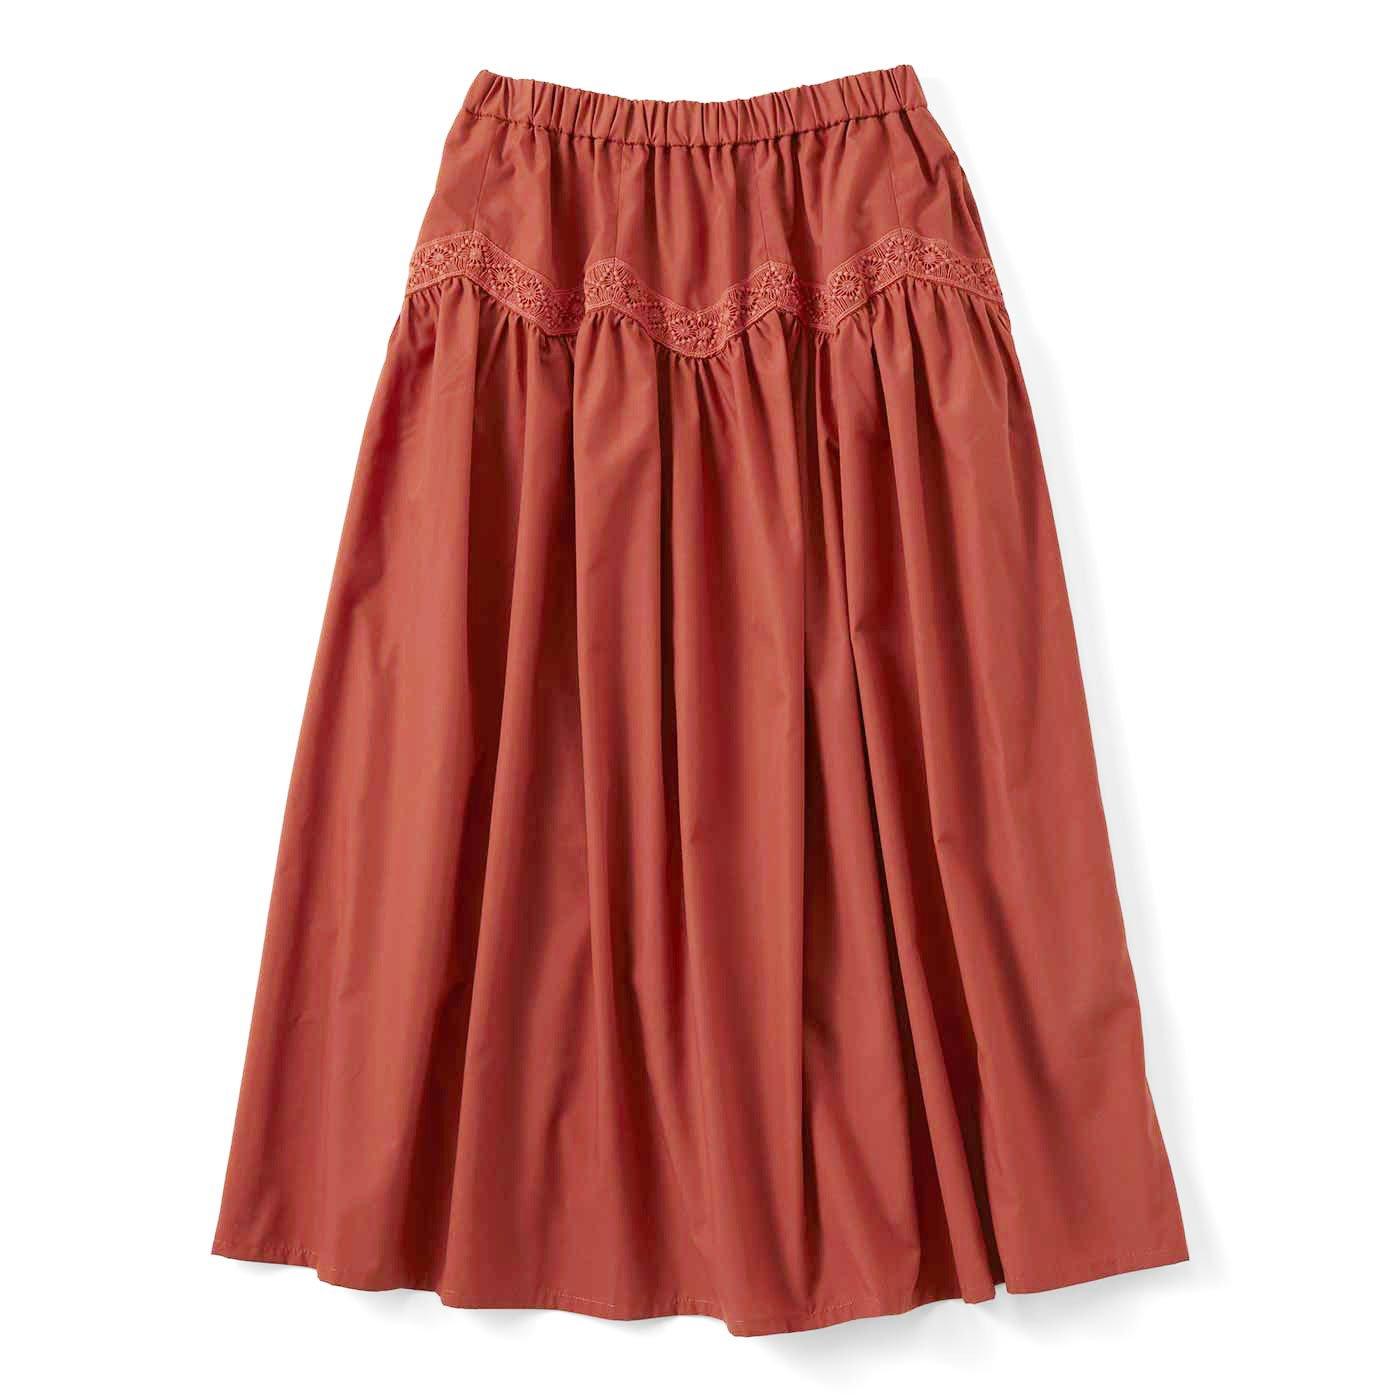 【3~10日でお届け】ジグザグレースのボリュームスカート〈テラコッタブラウン〉